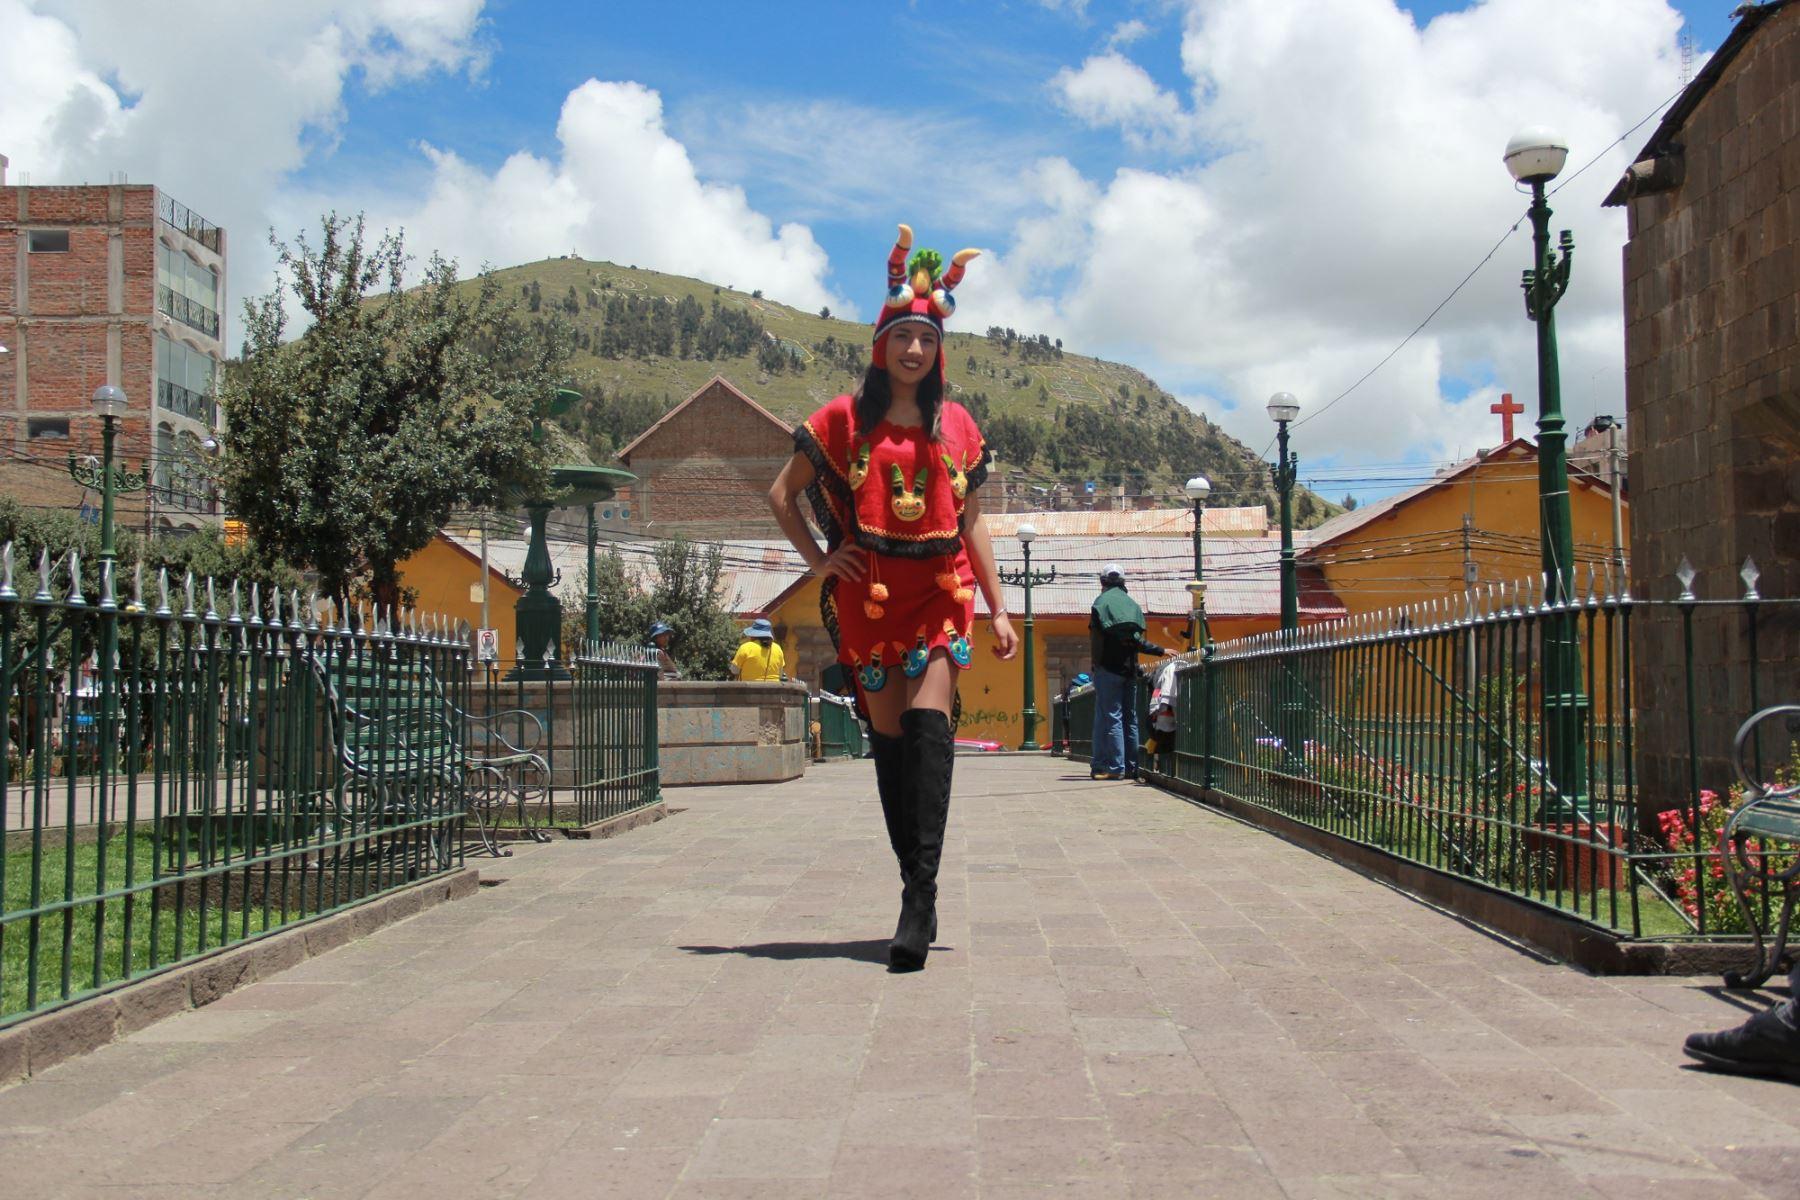 Danzantes de la diablada lucirán prendas de fibra de alpaca durante la Festividad de la Virgen de la Candelaria. ANDINA